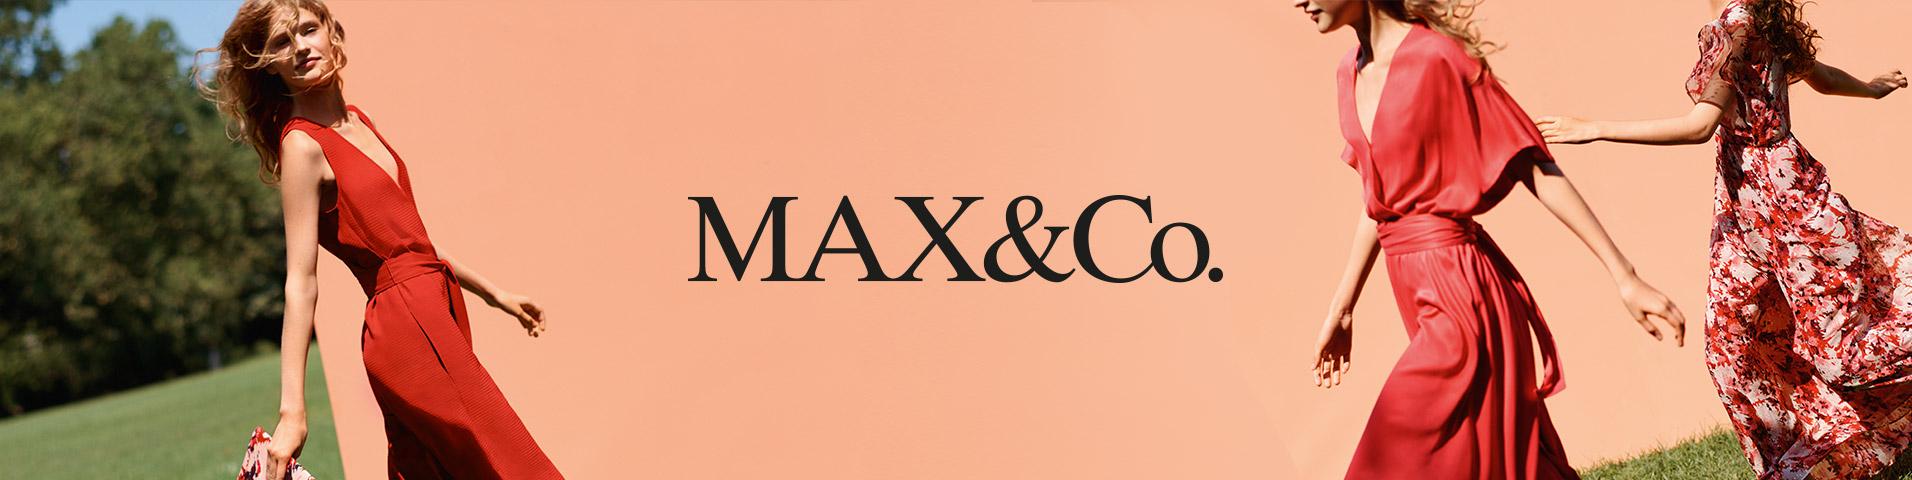 3cb57a8251 Collezione da donna MAX&Co. AbbigliamentoScarpeBorseAccessori